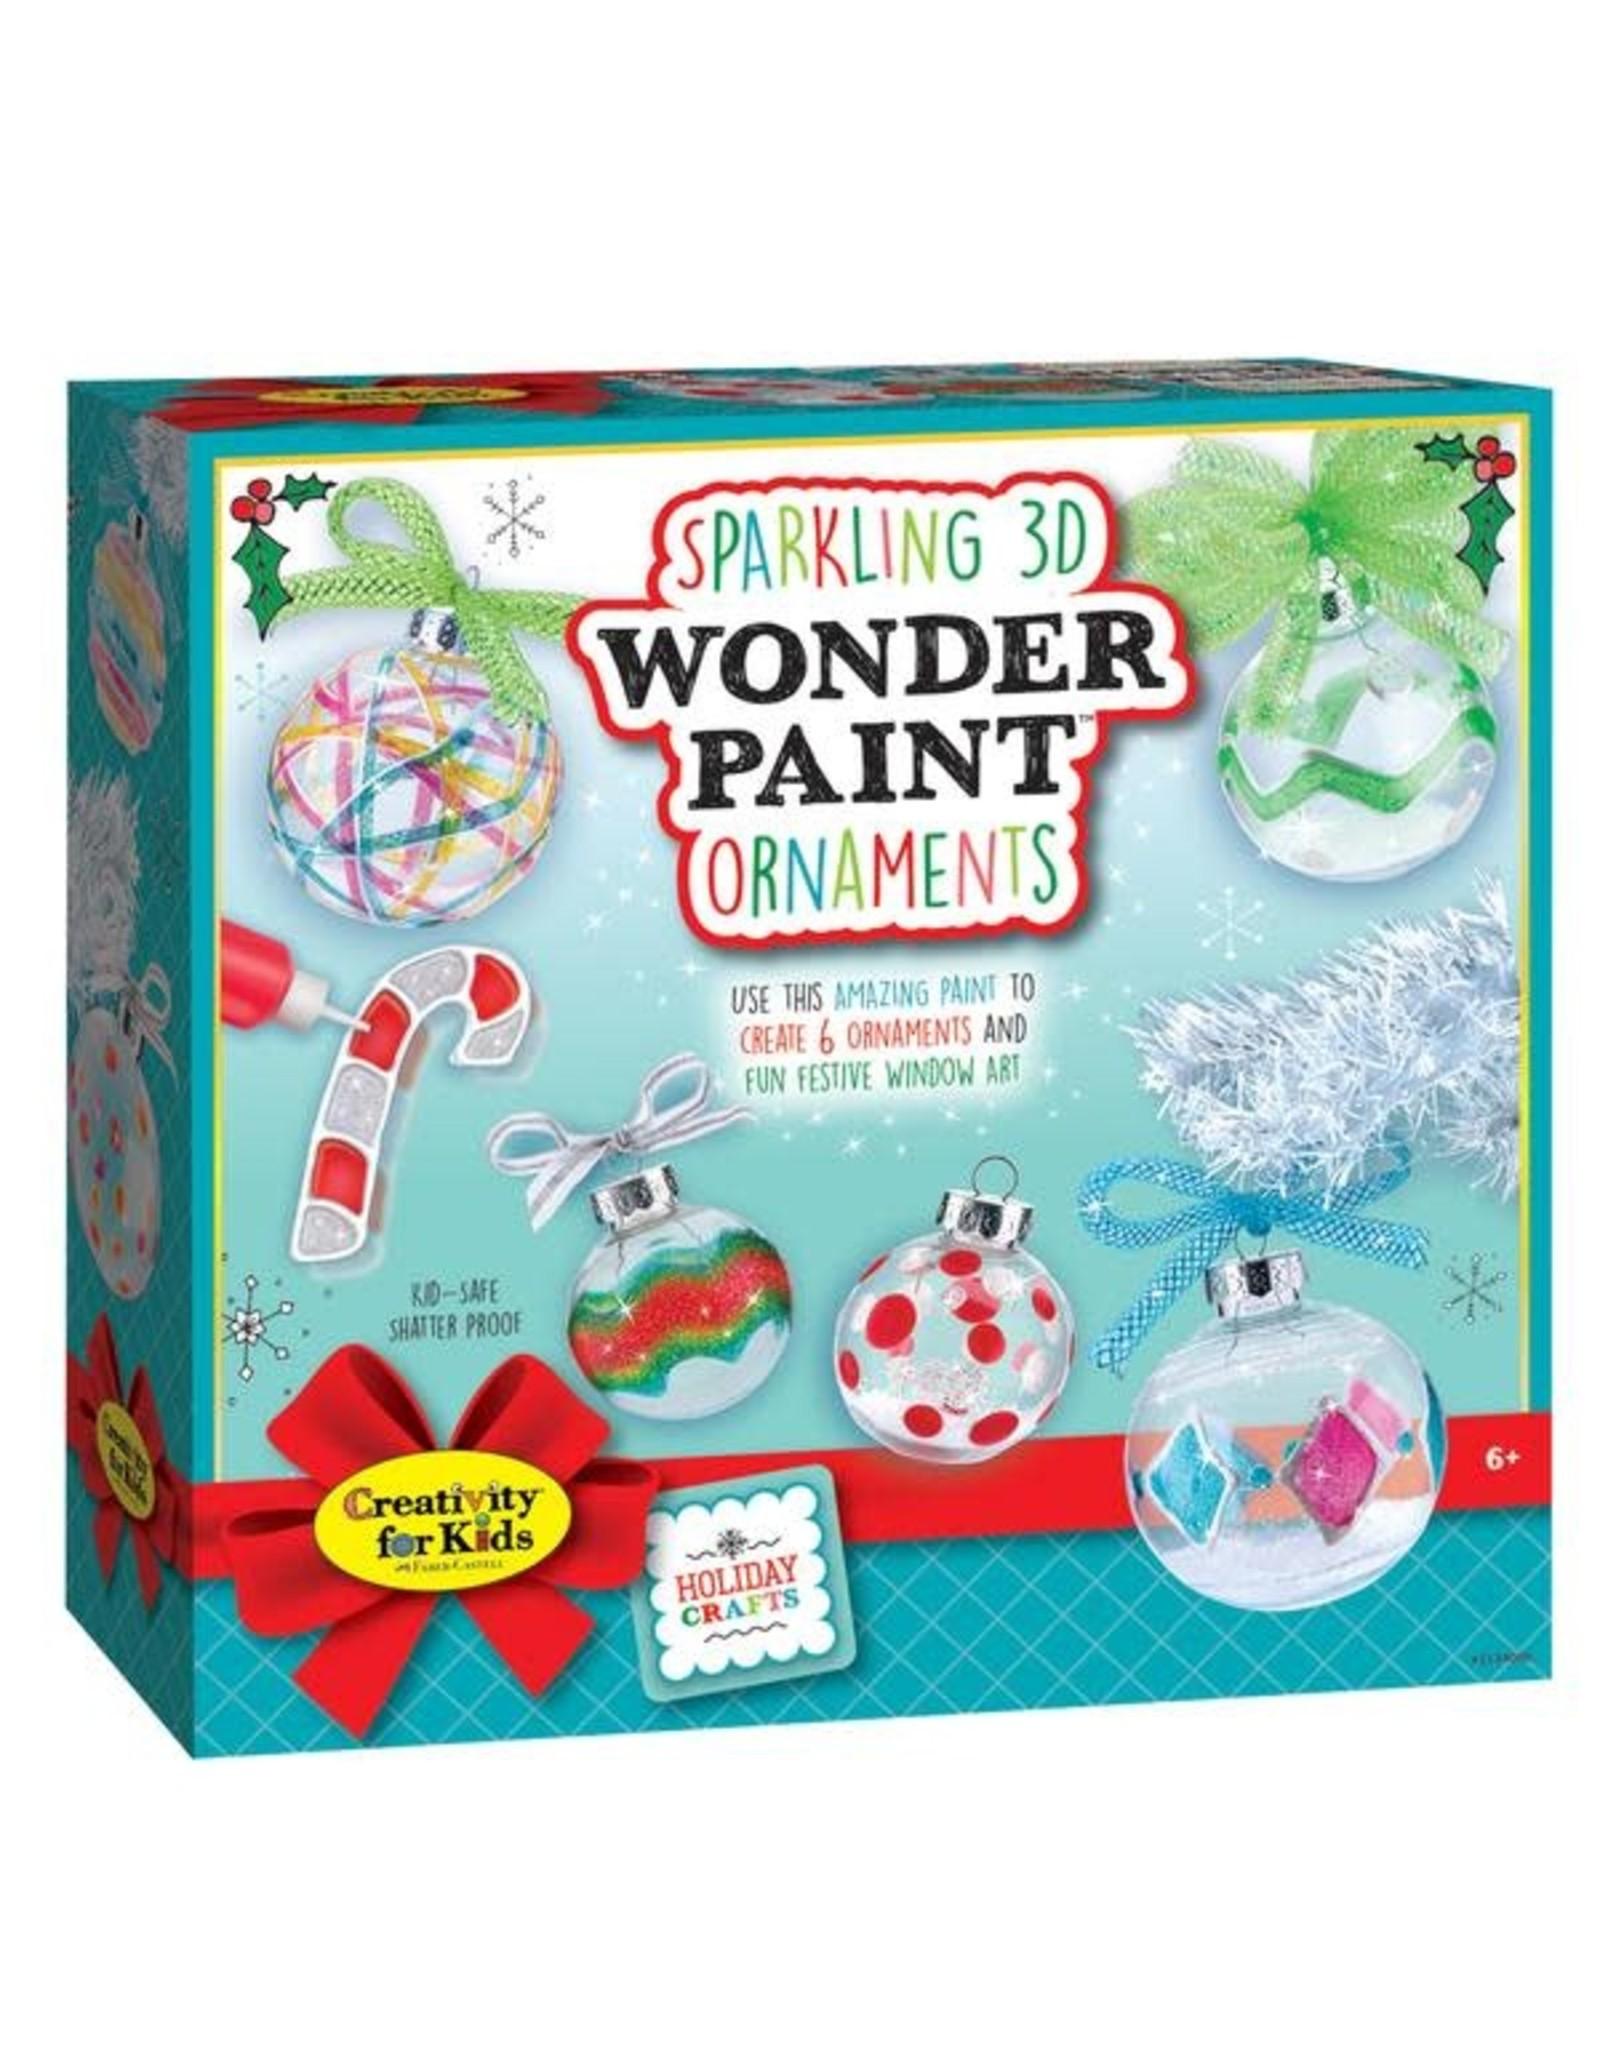 Faber Castell Sparkling 3D Wonder Paint Ornaments